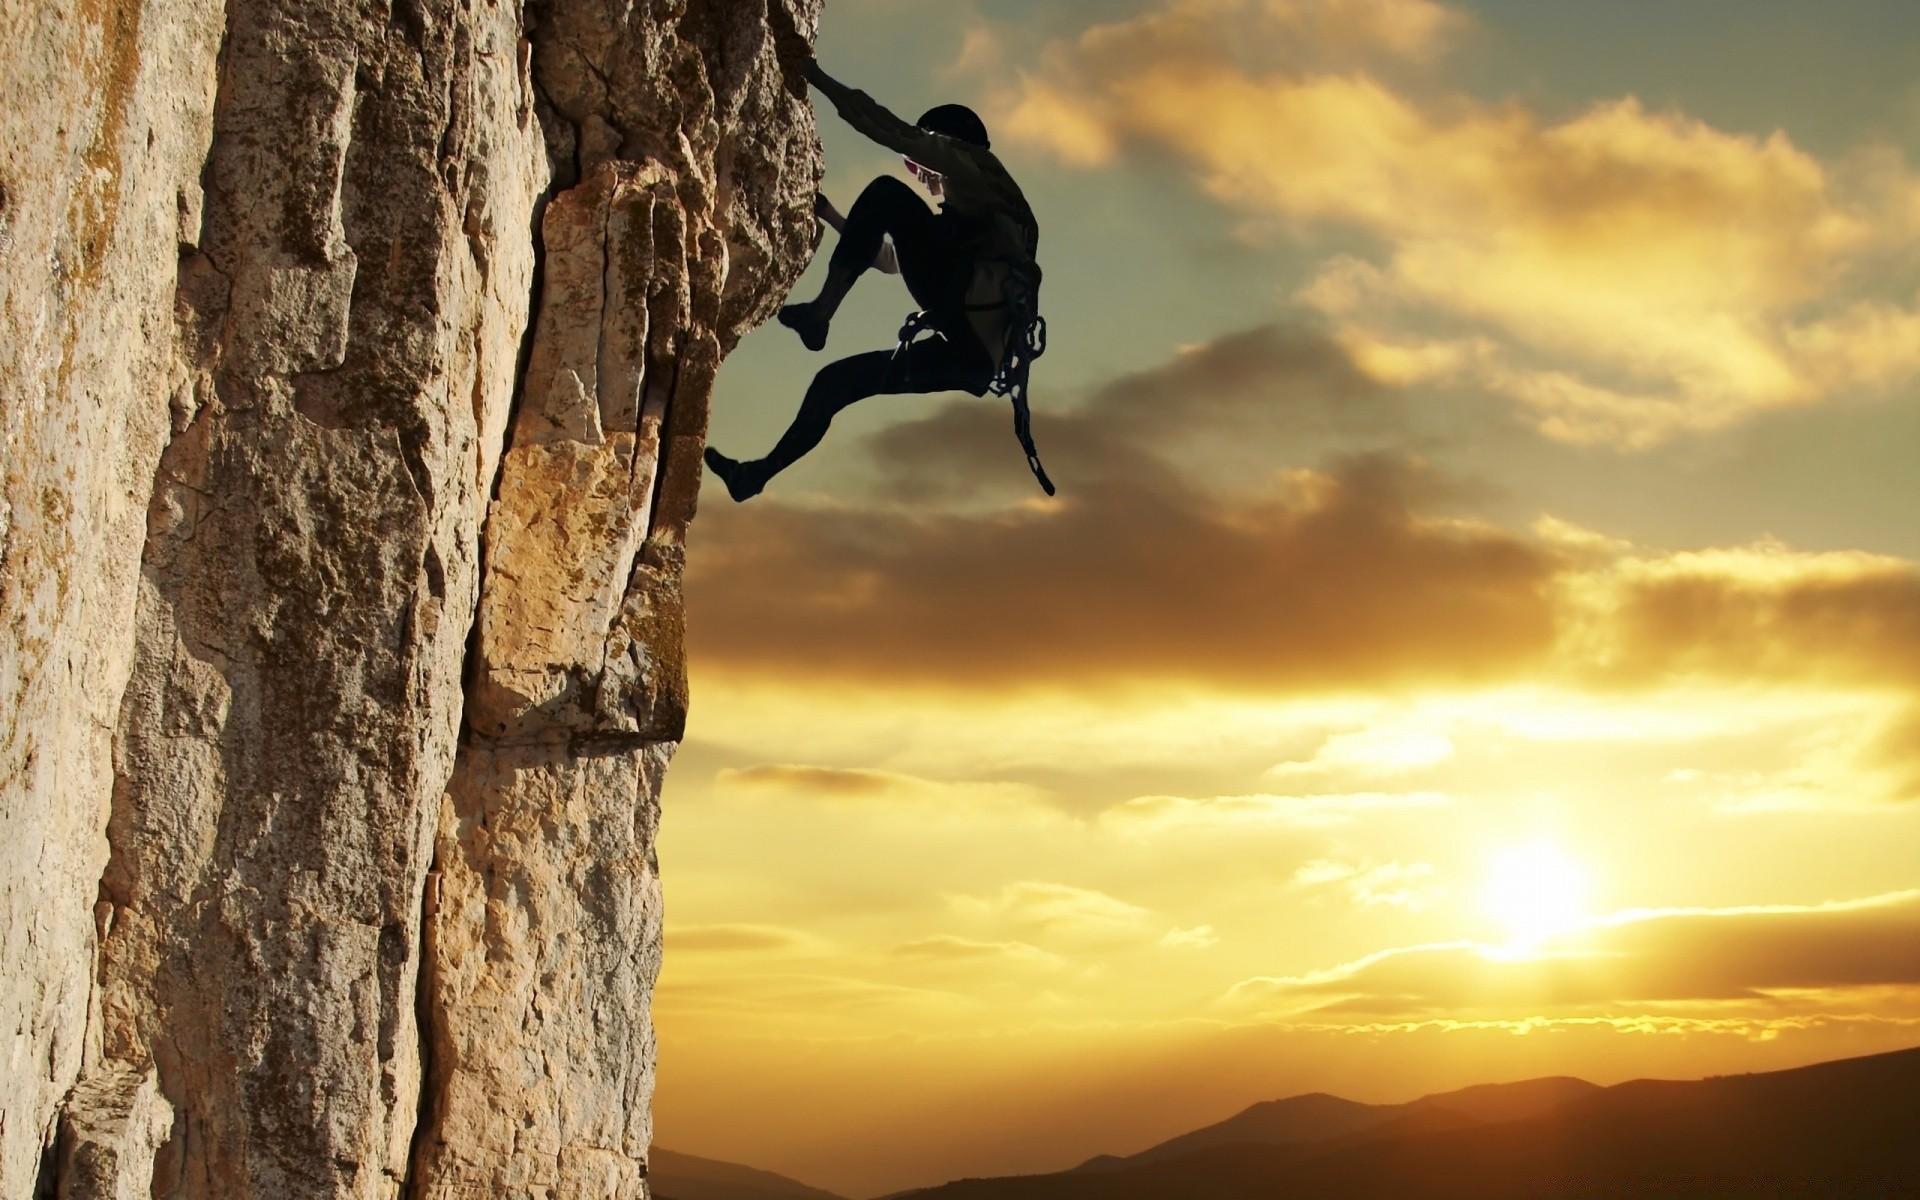 Сон, в котором вы едва не упали, означает, что в реальной жизни вам нужно крепче стать на ноги – вы занимаете довольно шаткое положение.